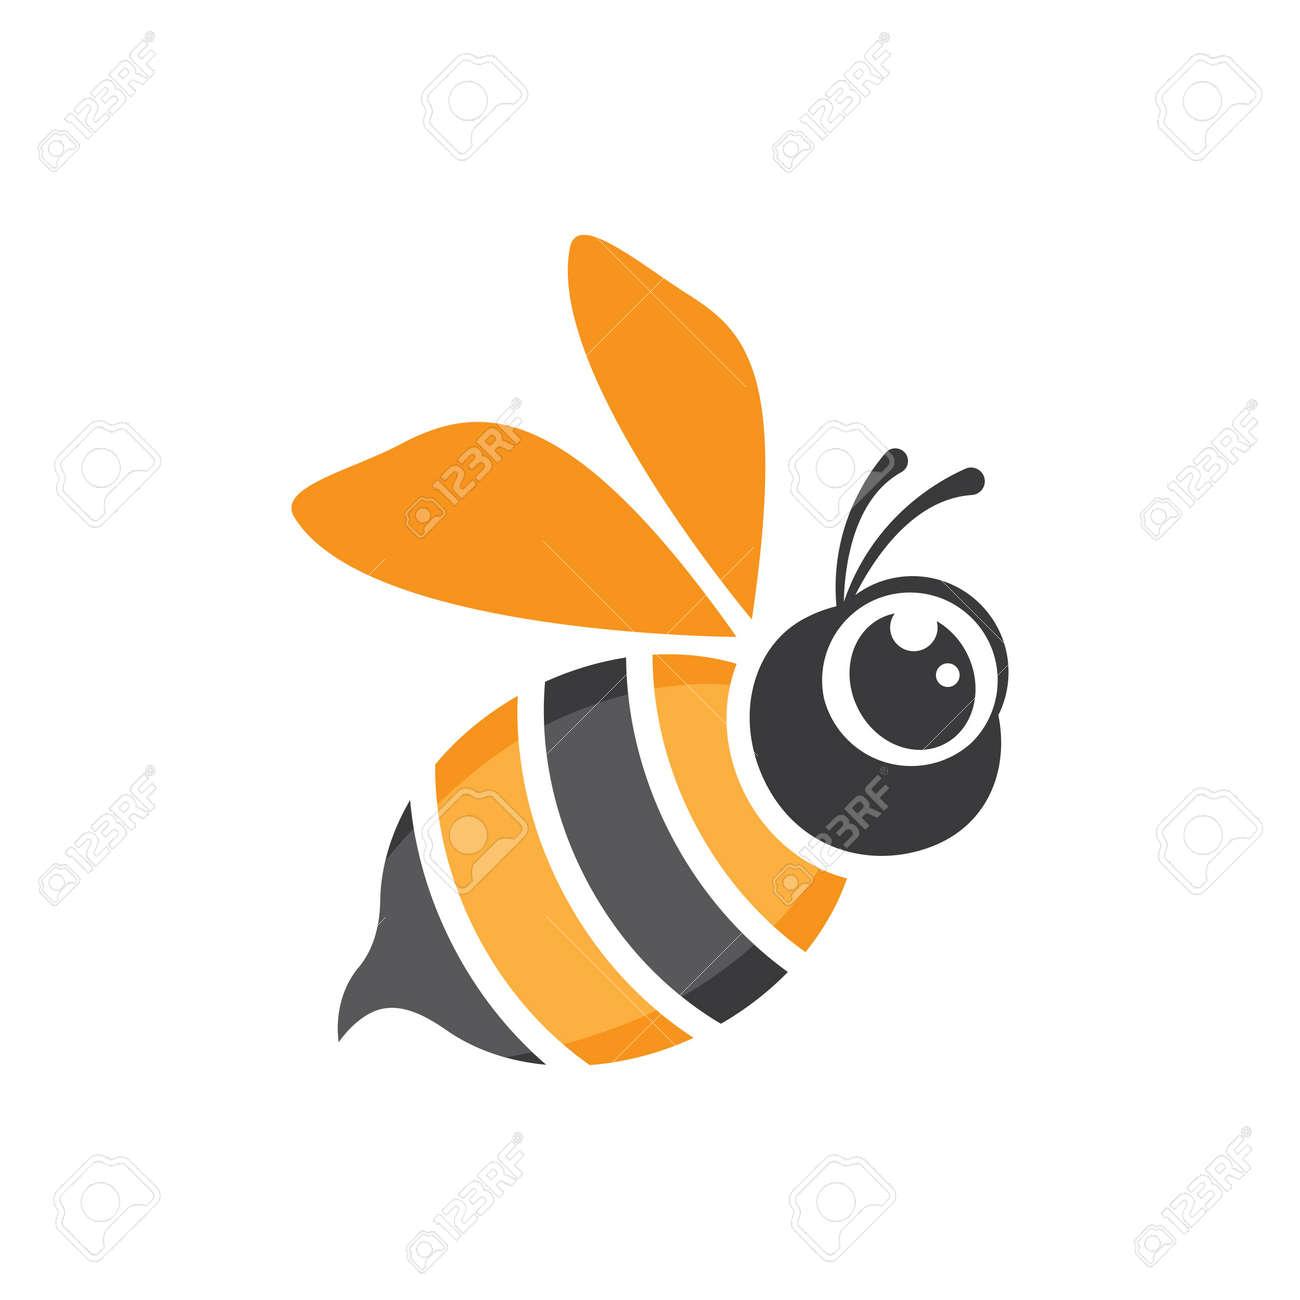 Bee logo images illustration design - 173289057